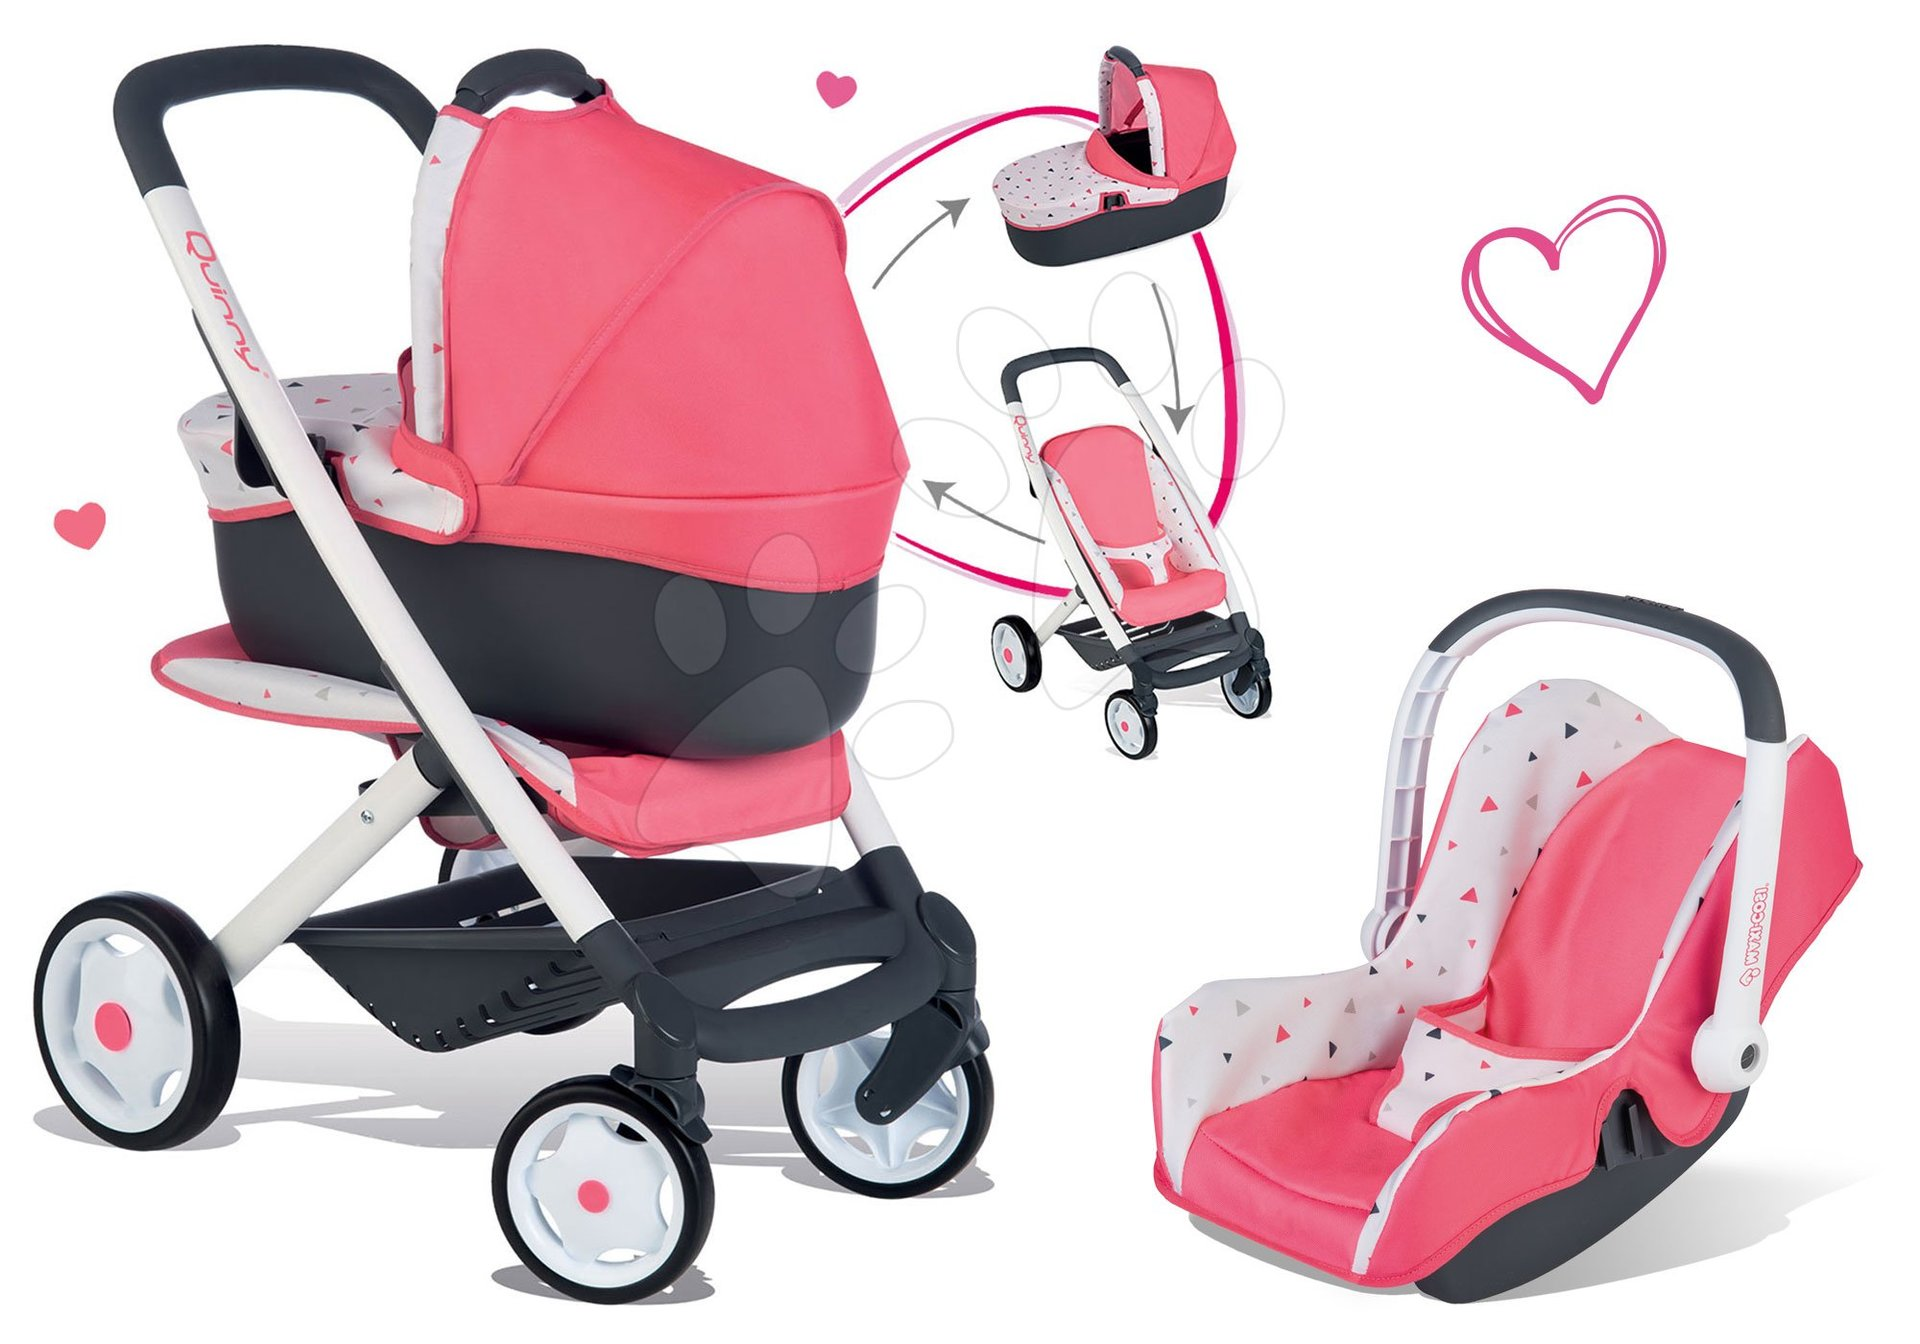 Set kočík Trio Pastel Maxi Cosi & Quinny Smoby 3v1 s nosítkom pre bábiku a autosedačka